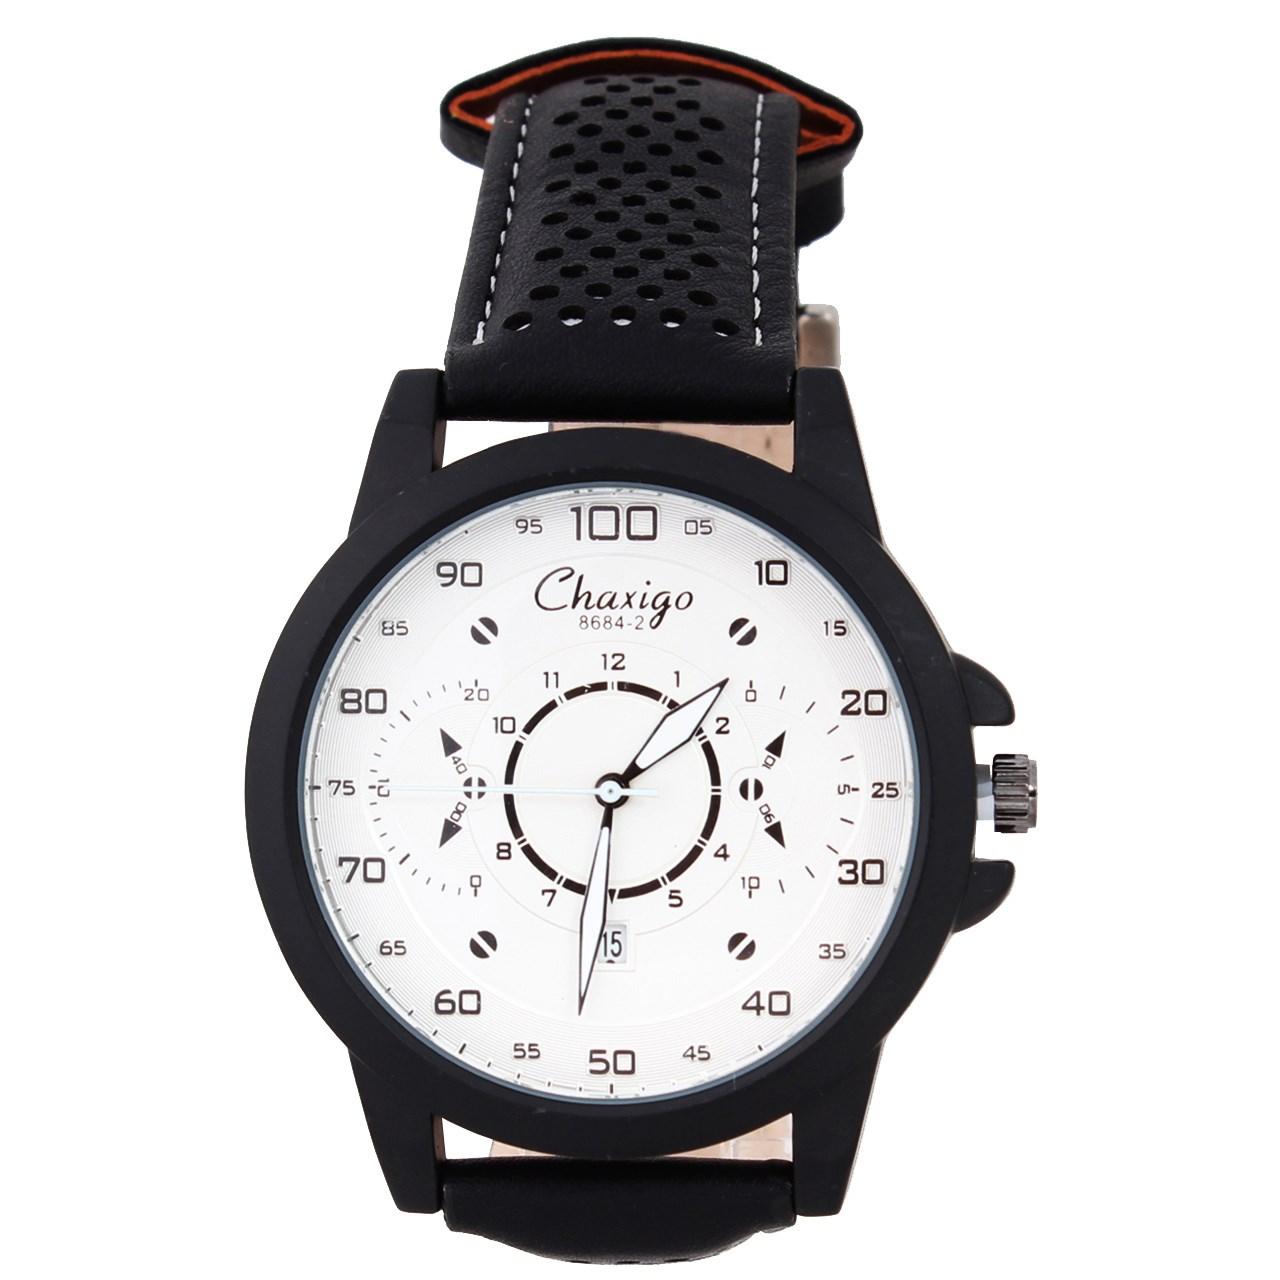 ساعت مچی عقربه ای  چاکسیگو مدل 7601